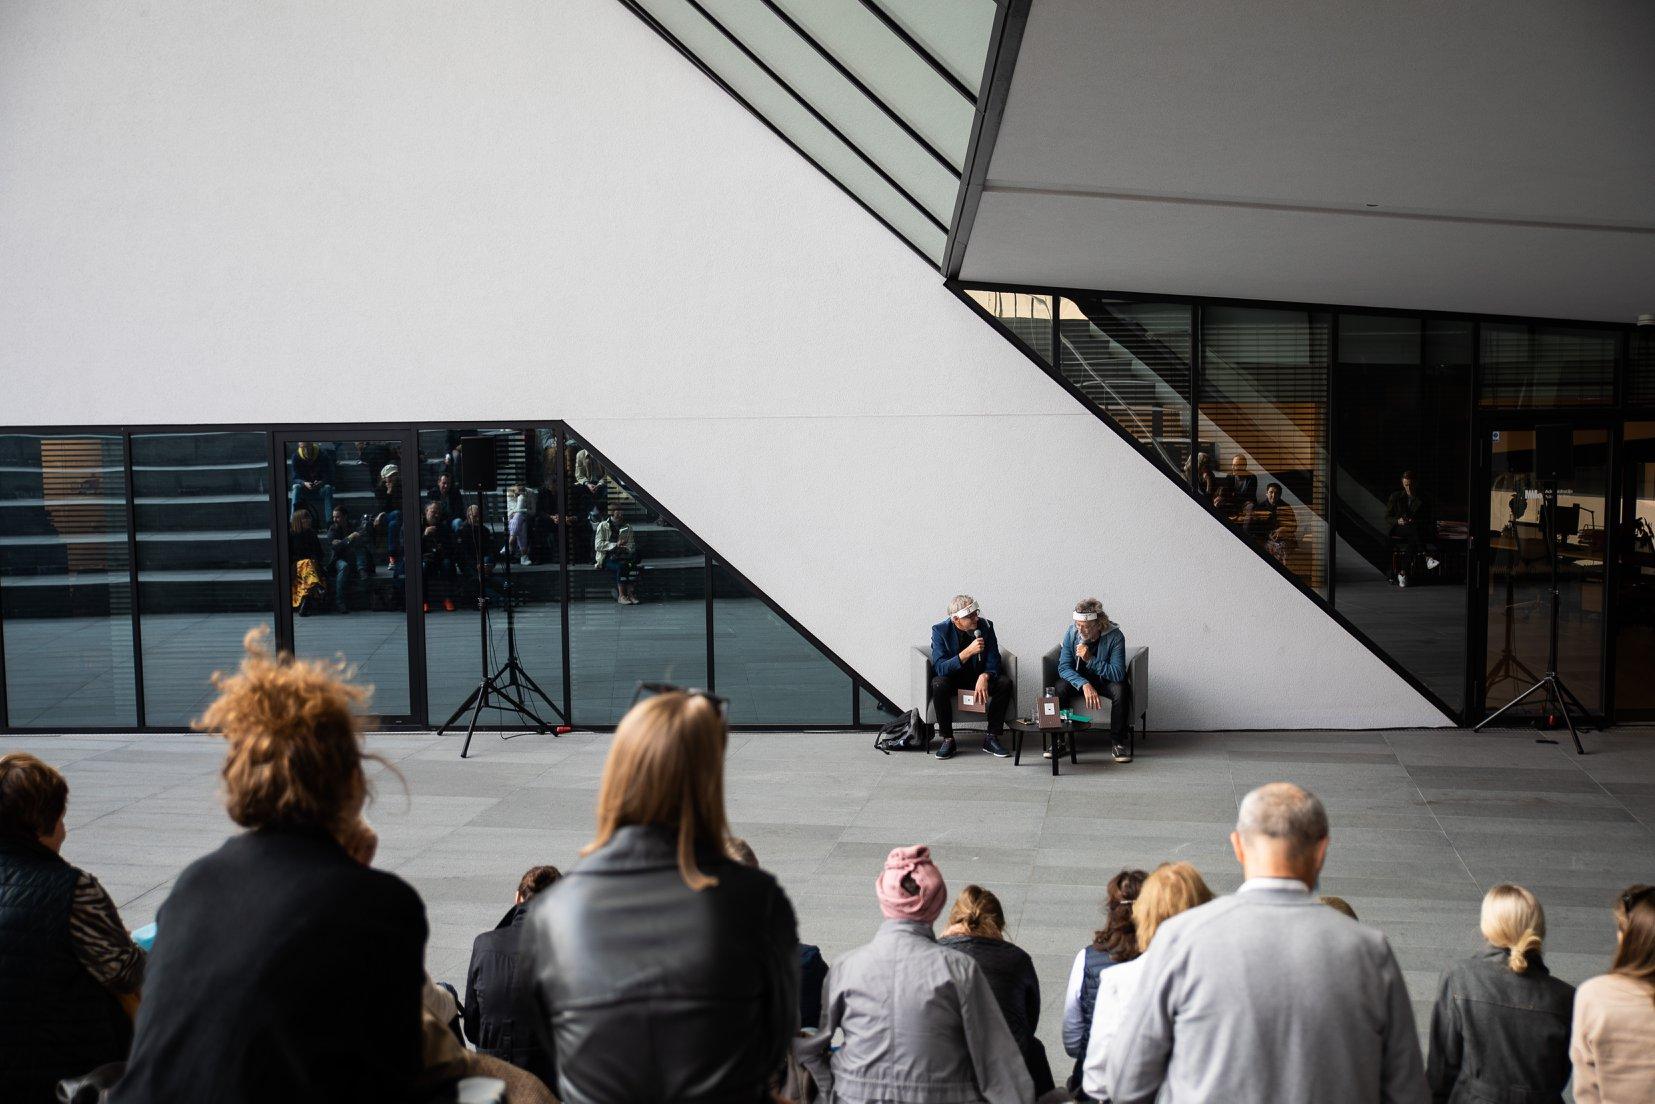 Žmonės prie muziejaus lauke.